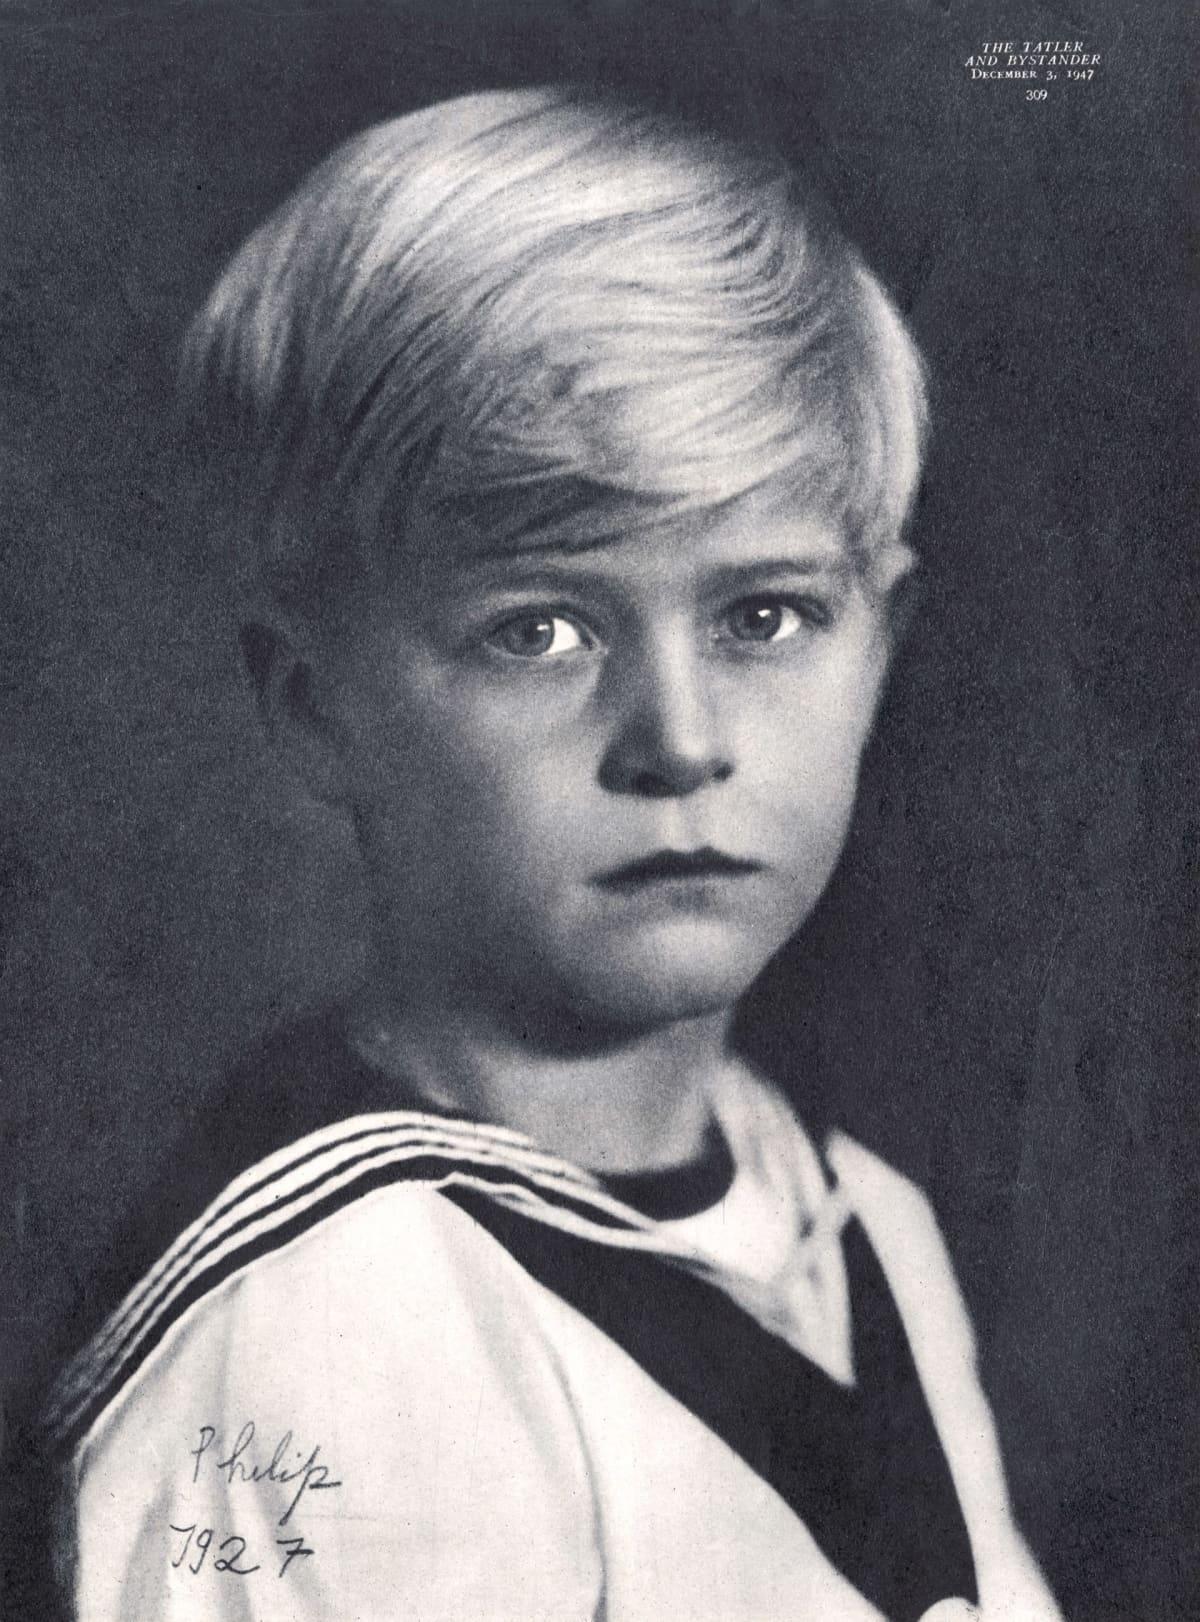 Prinssi Philip lapsena